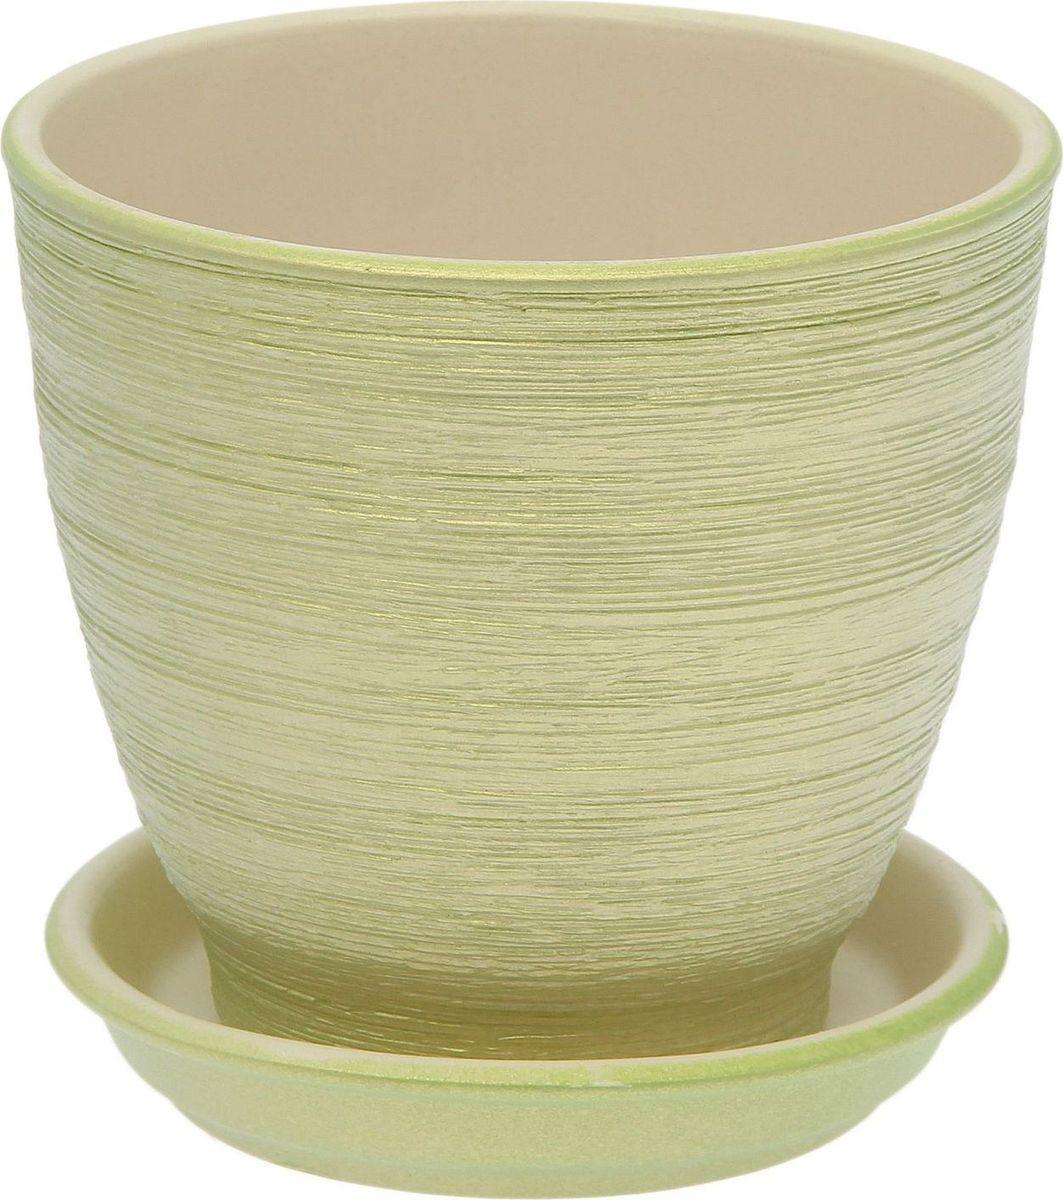 Горшок для цветов Керамика ручной работы Кедр, с поддоном, цвет: салатовый, 1,6 л1873509Горшок из керамики прекрасно подходит для высадки растений, пористый материал позволяет испаряться лишней влаге. Воздух, необходимый для дыхания корней, проникает сквозь керамические стенки.Горшок для цветов освежит интерьер и подчеркнёт его стиль.